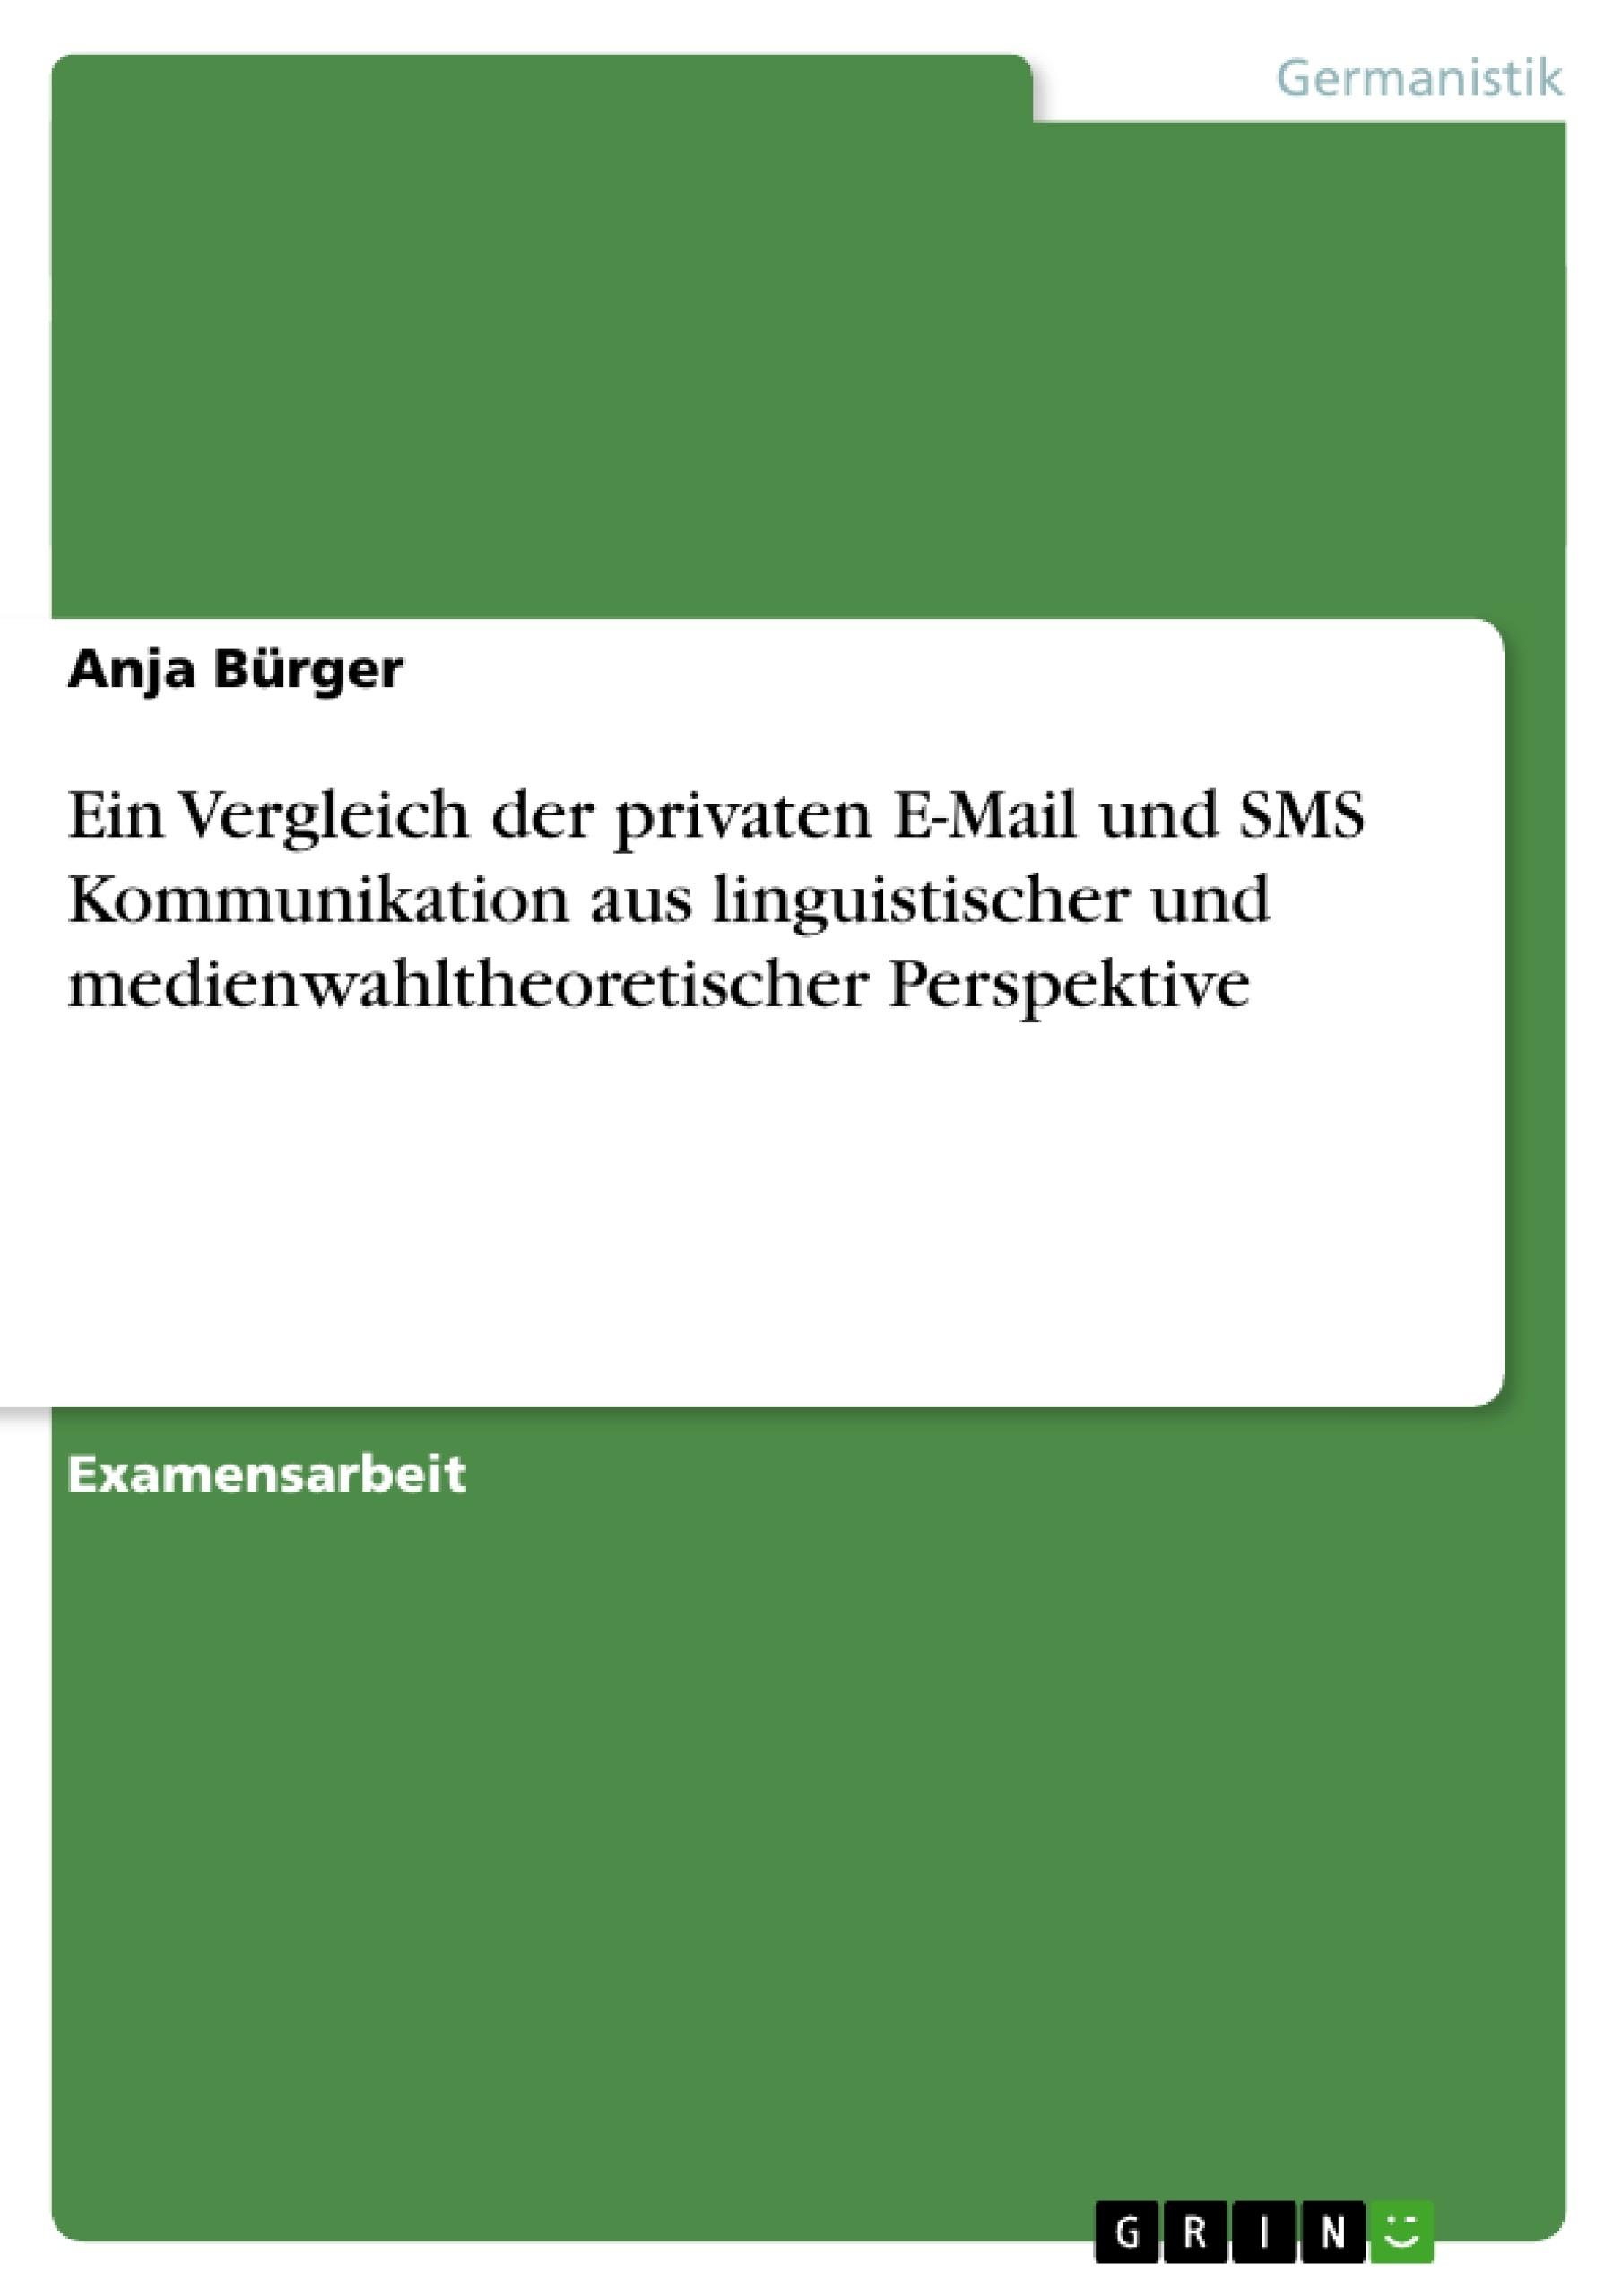 Titel: Ein Vergleich der privaten E-Mail und SMS Kommunikation aus linguistischer und medienwahltheoretischer Perspektive